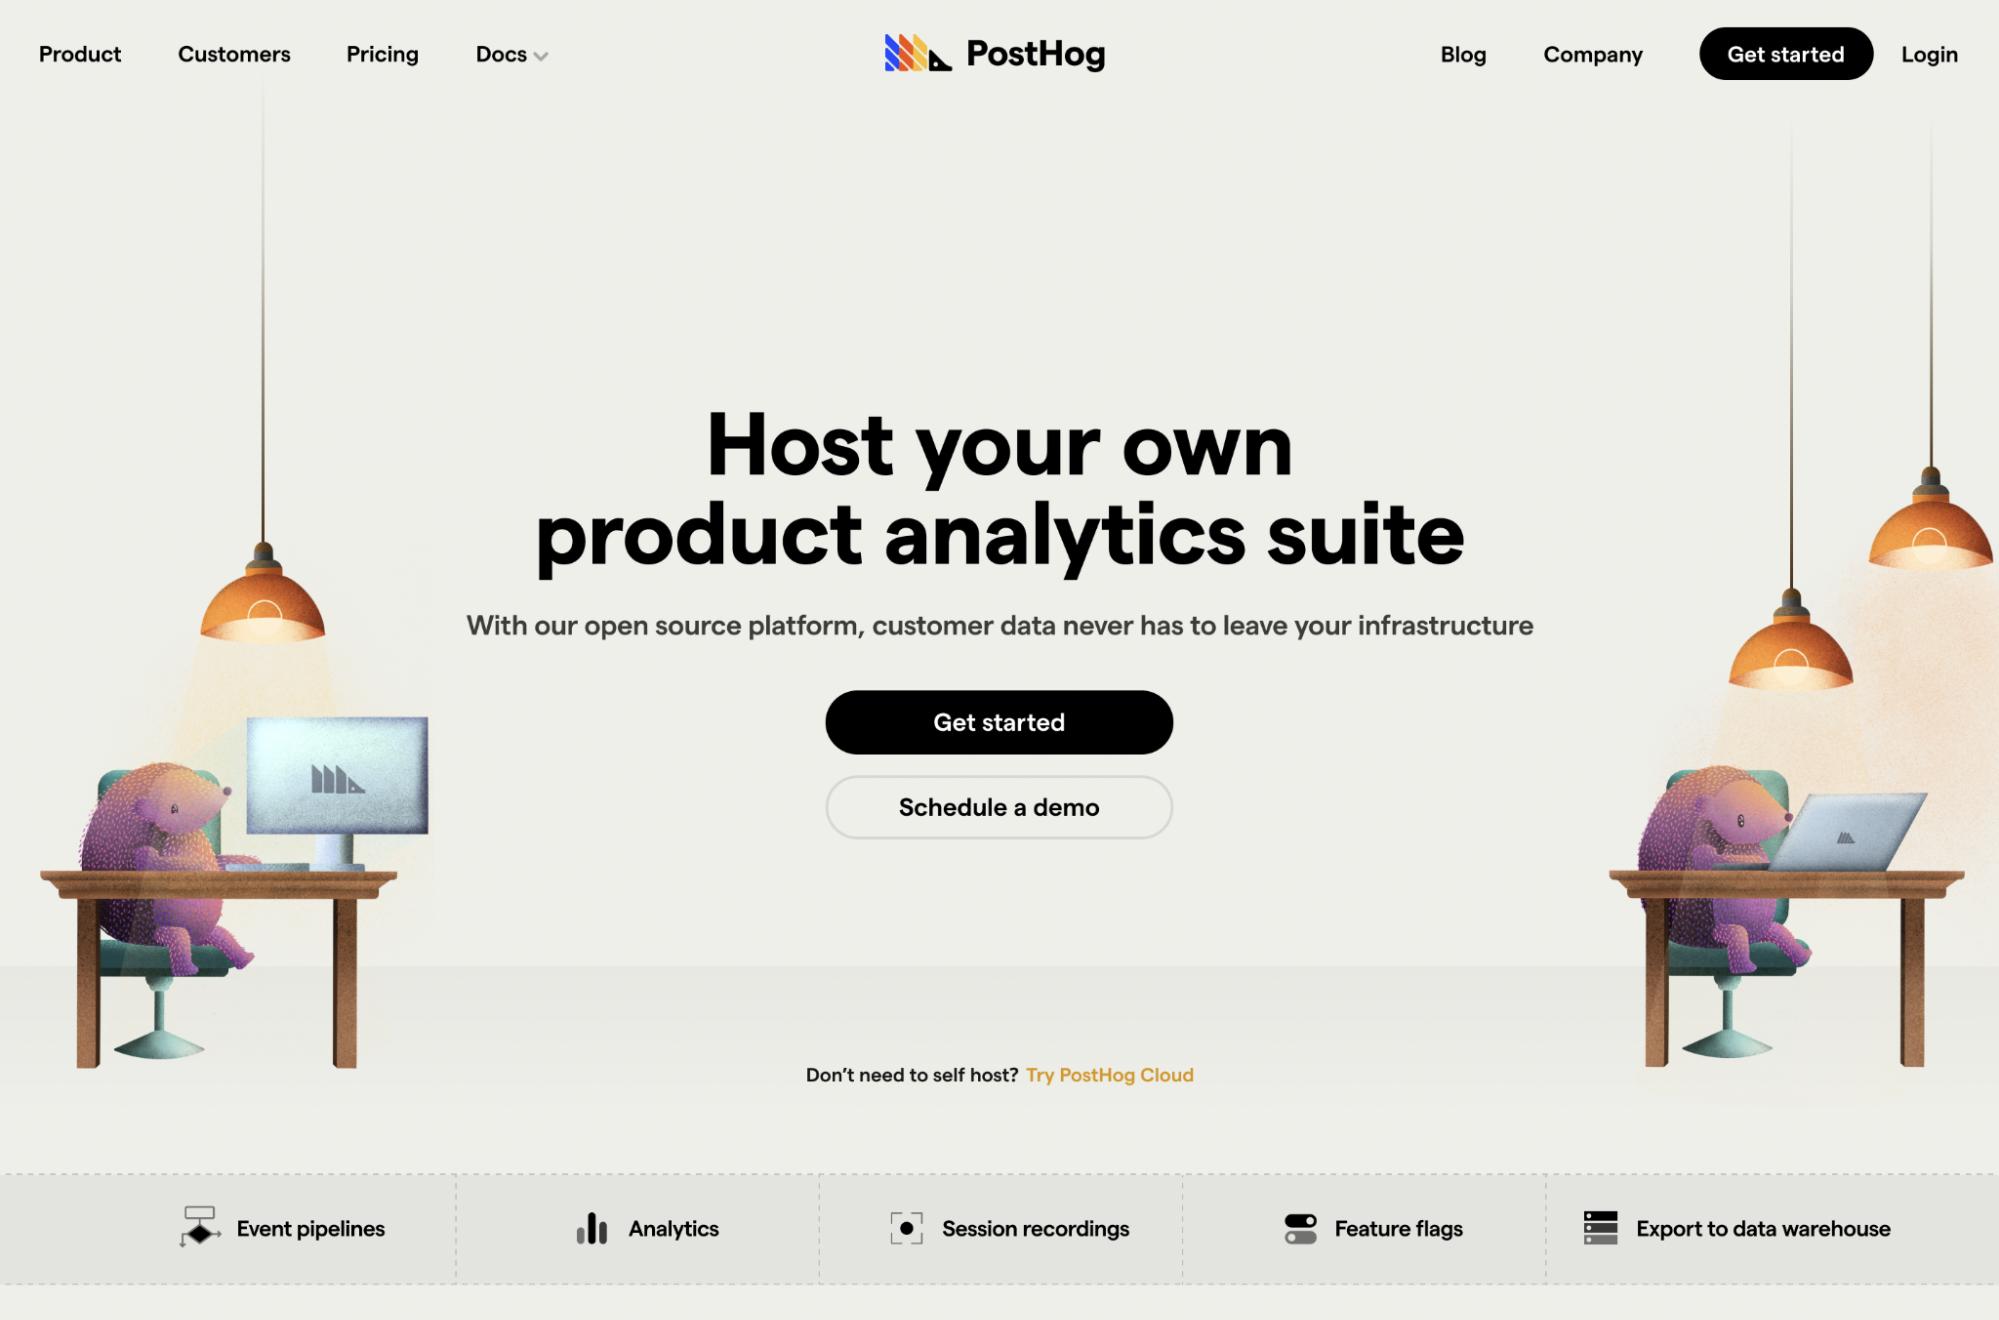 PostHog rebrand - Homepage